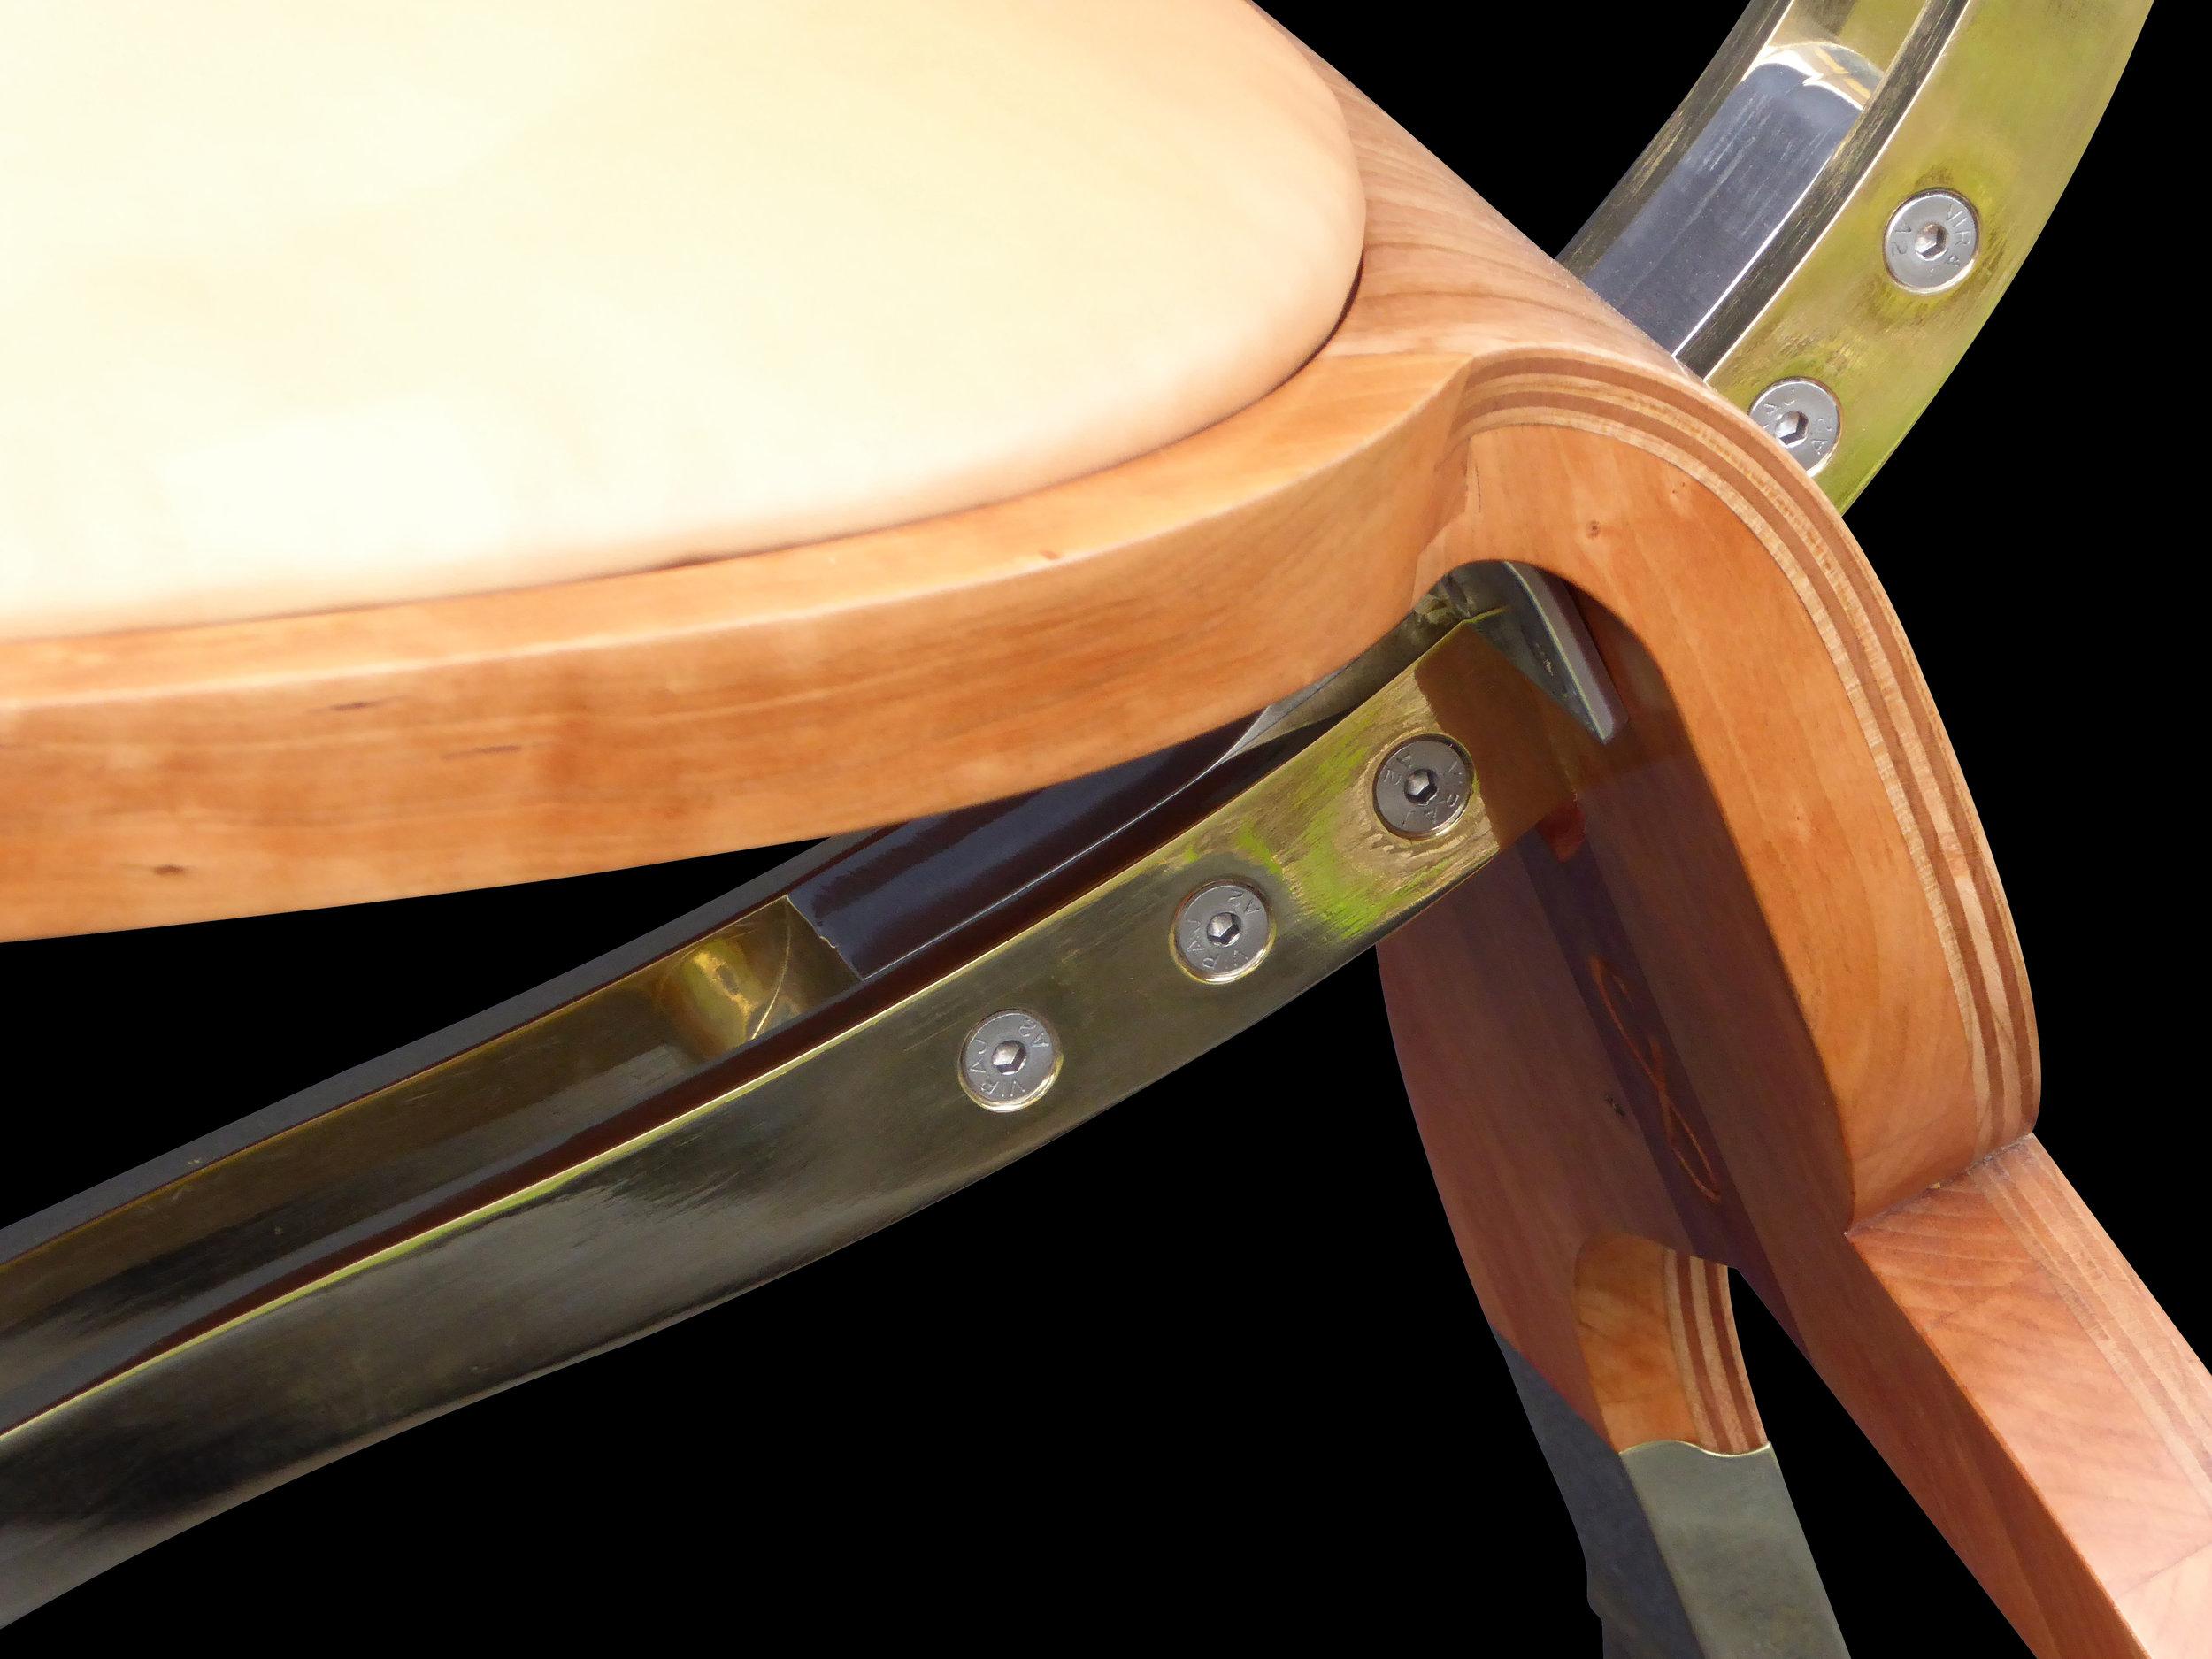 Riunióne desk chair detail